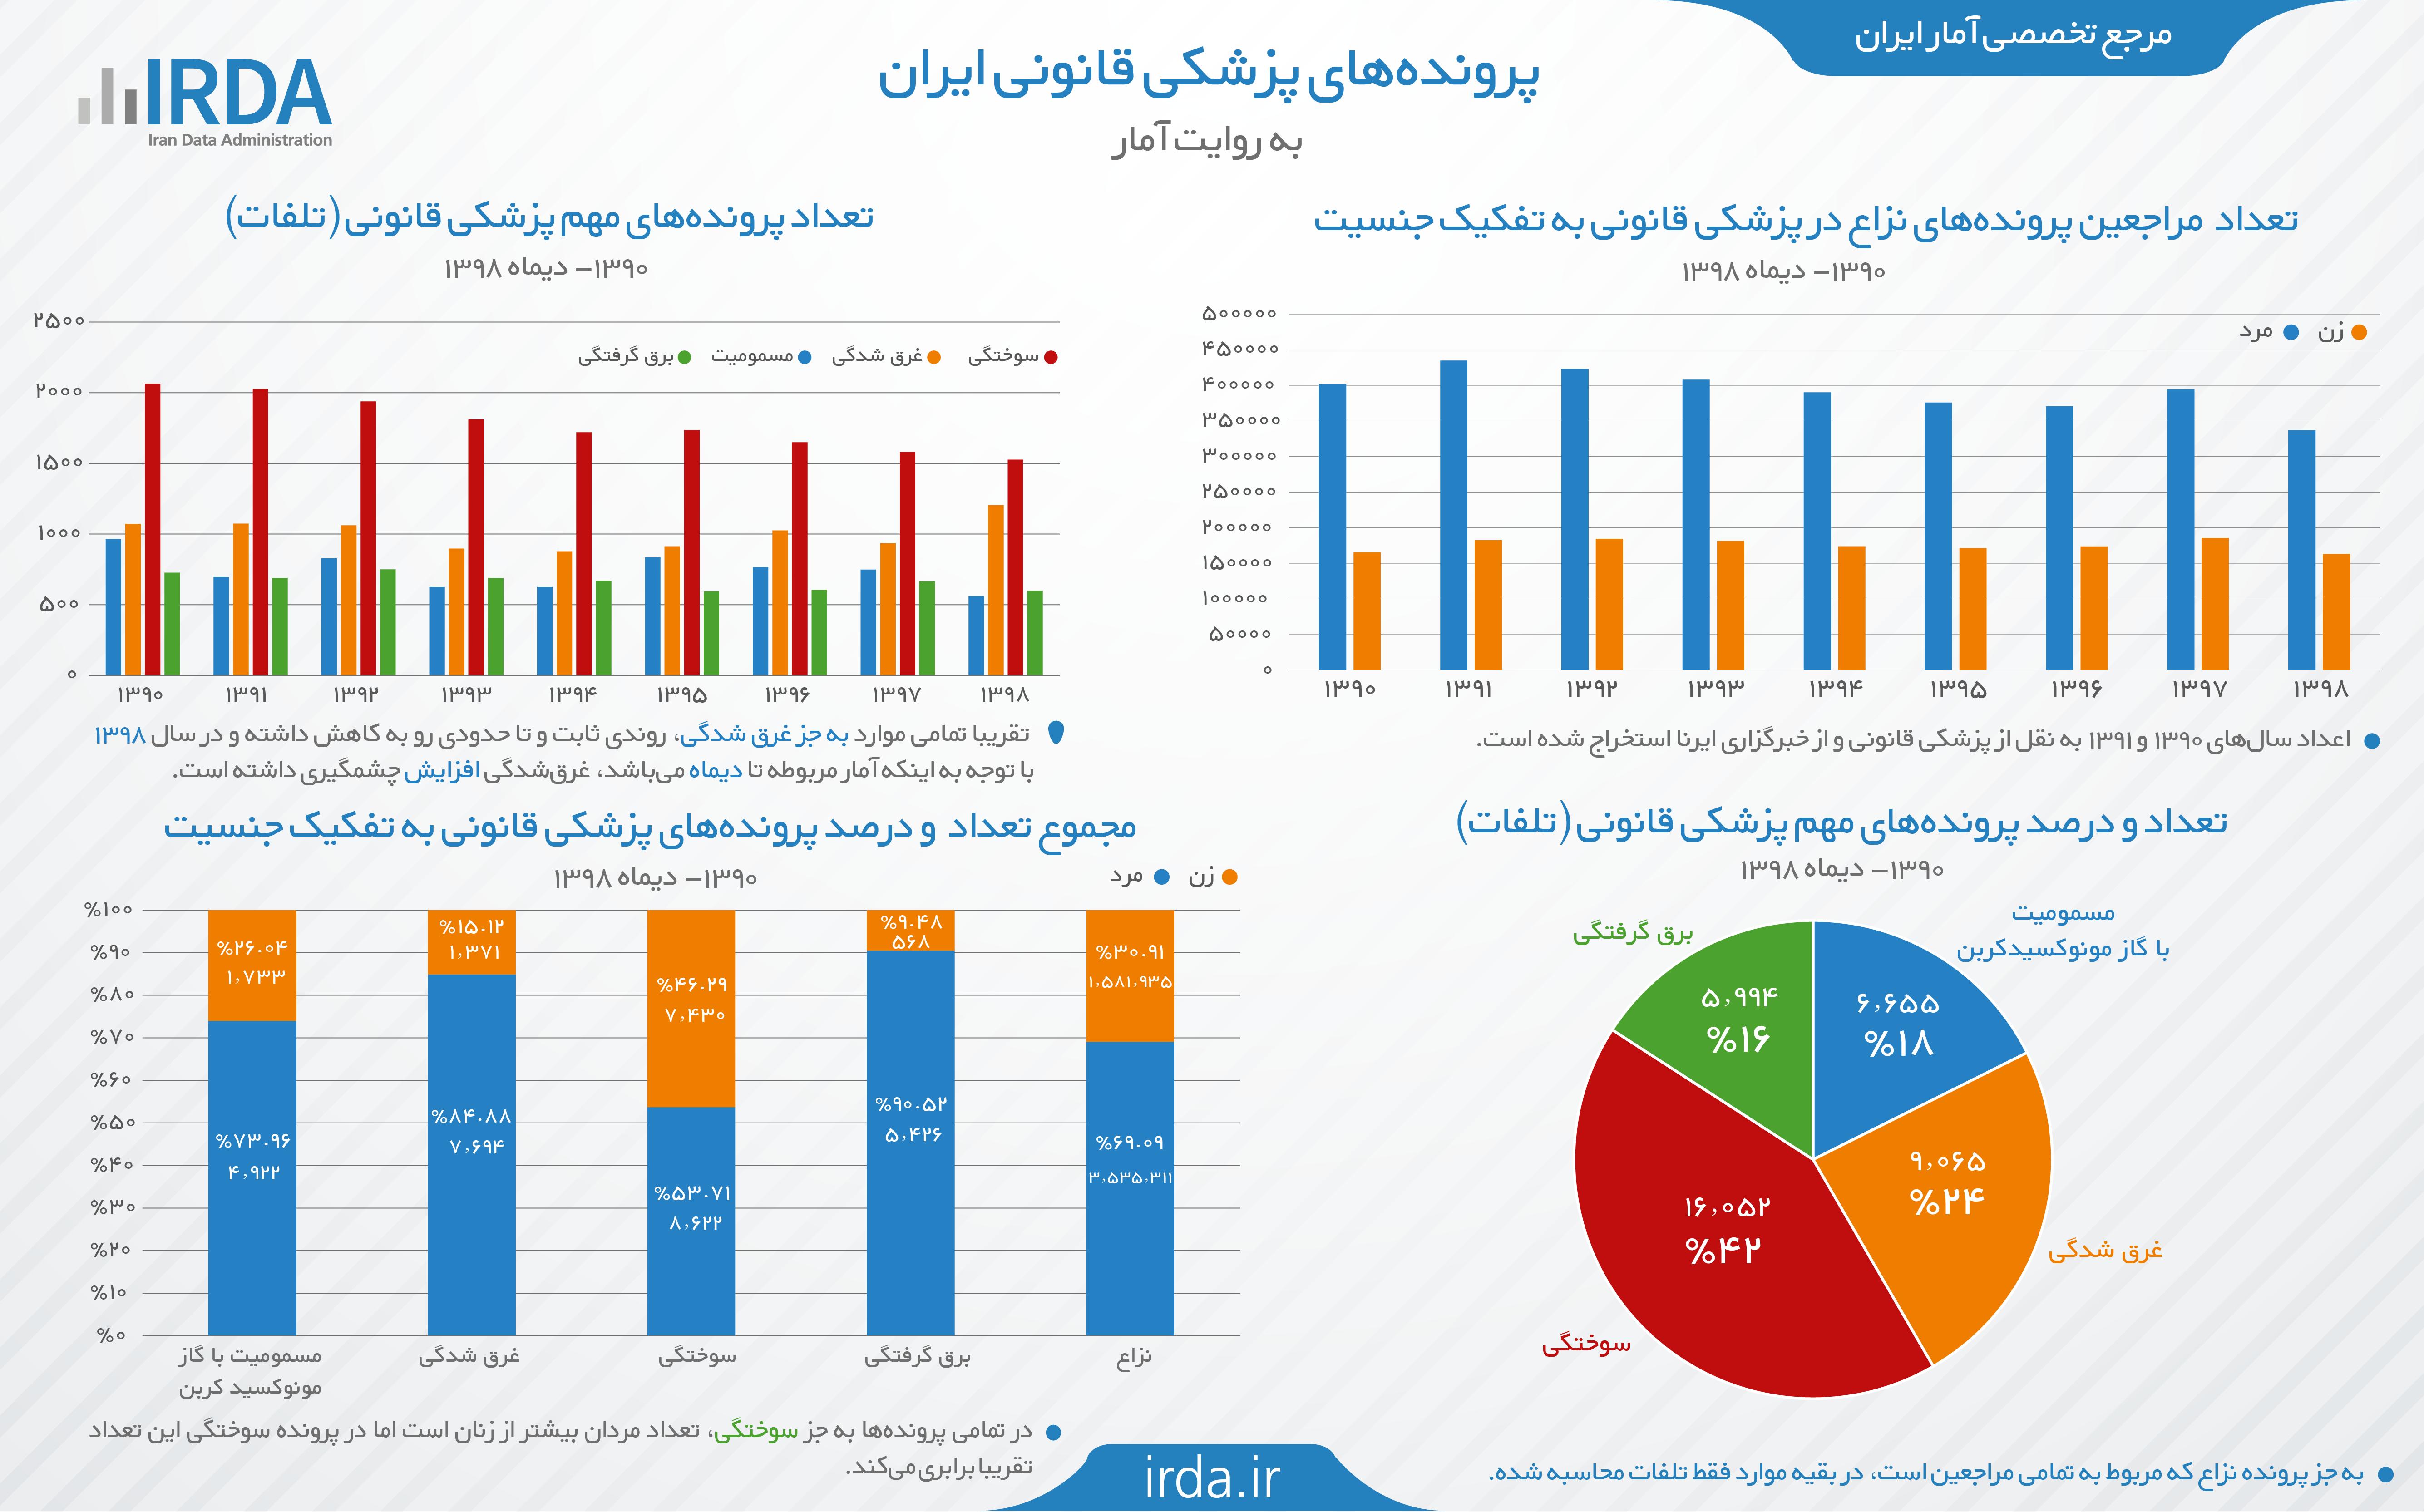 پرونده های پزشکی قانونی ایران به روایت آمار